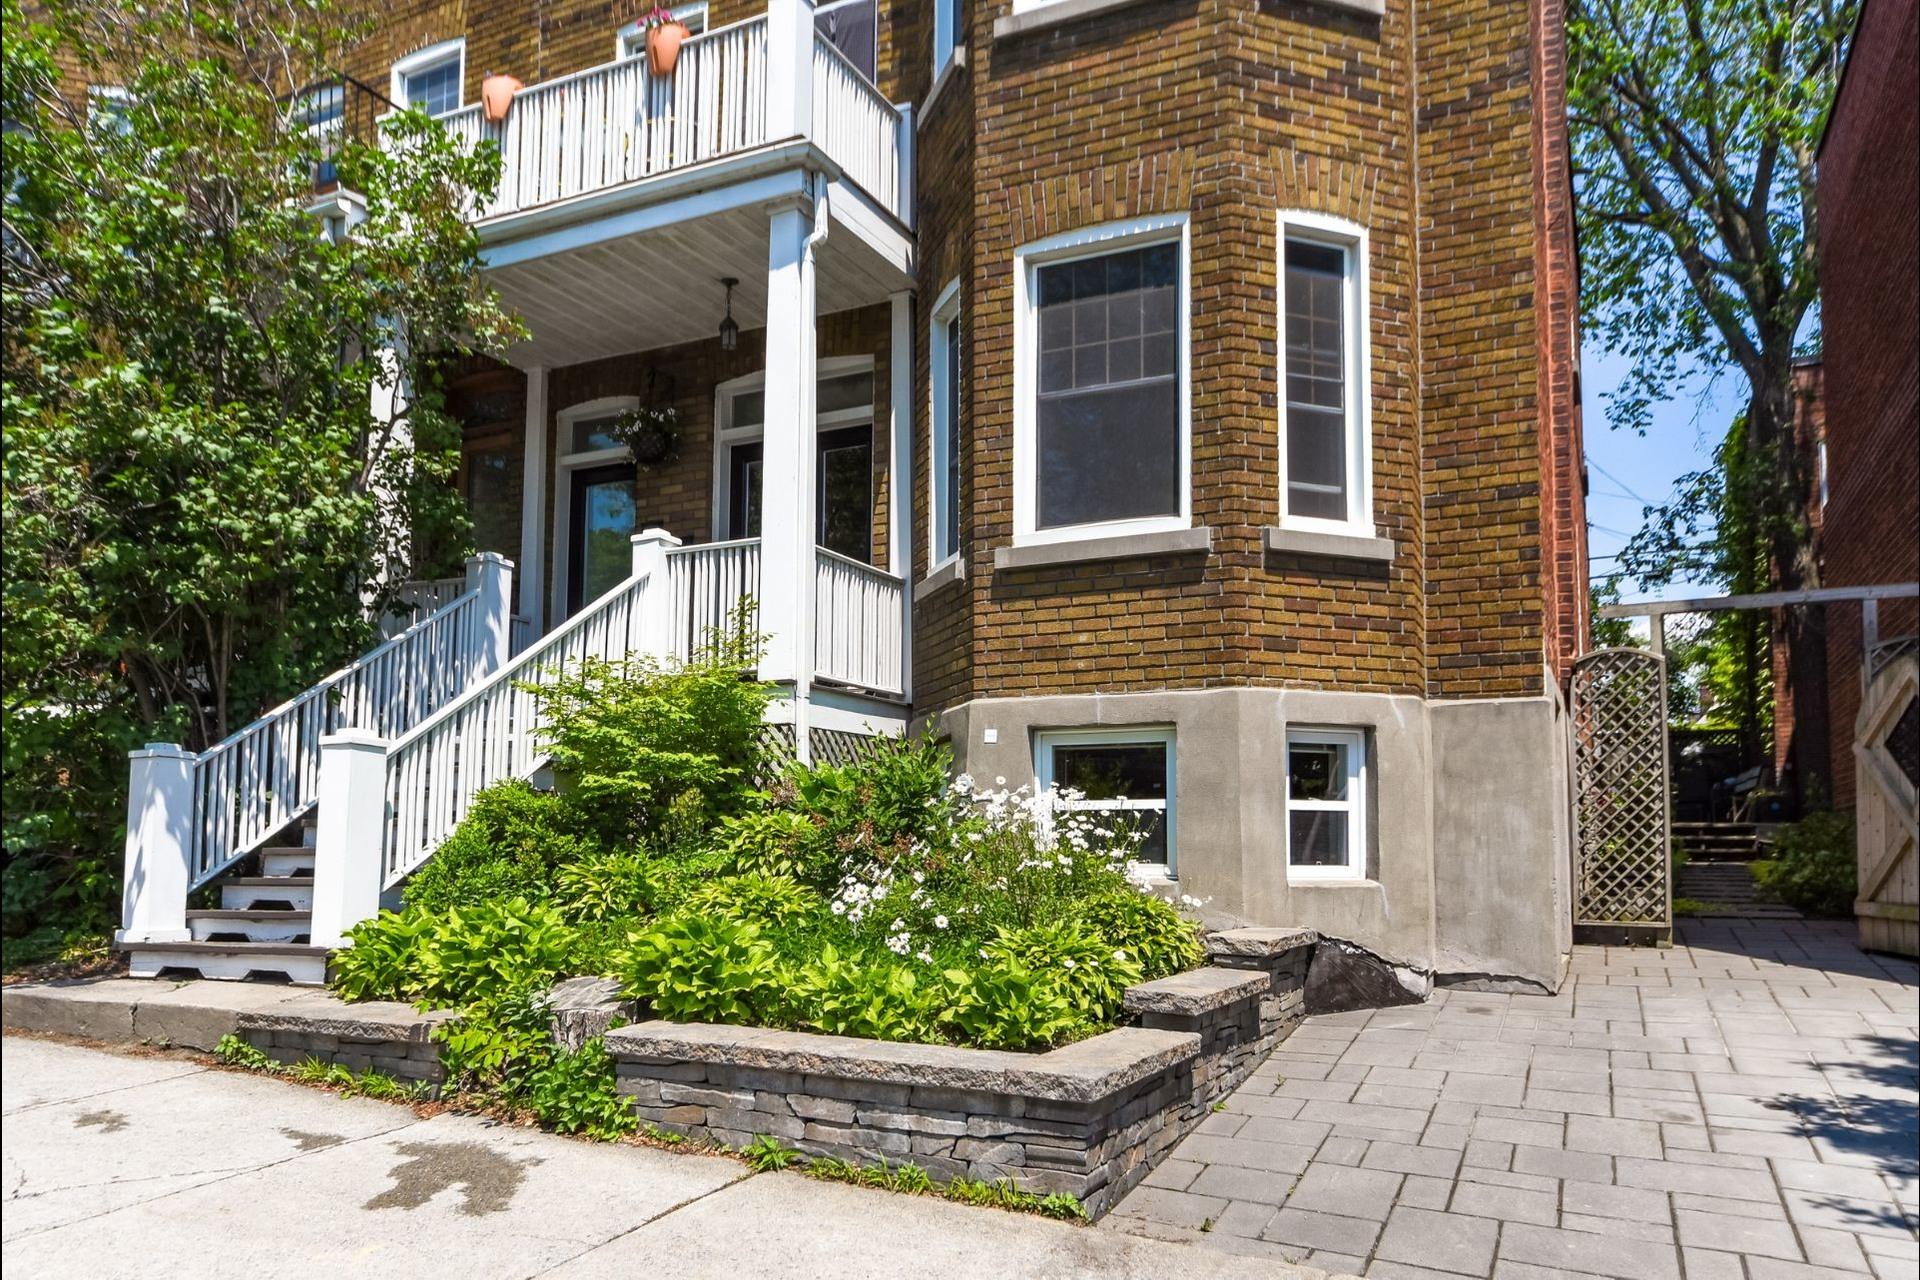 image 47 - Duplex À vendre Côte-des-Neiges/Notre-Dame-de-Grâce Montréal  - 9 pièces